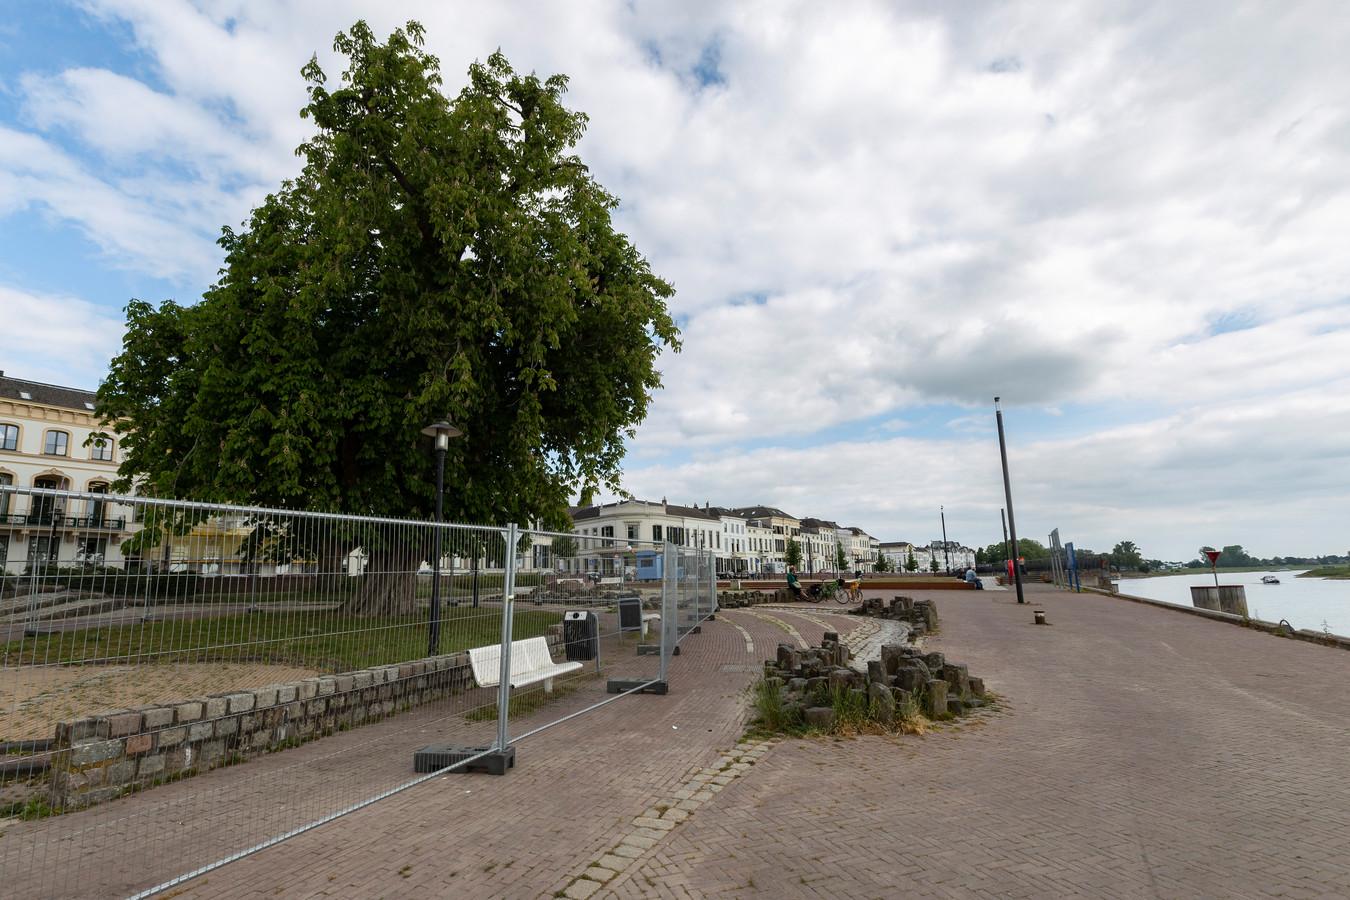 Bij het waterwerk langs de IJsselkade in Zutphen staat een joekel van een paardenkastanje. Na meer dan honderd jaar gaat de zaag erin. Grote hekken staan op dit moment onder de boom totdat hij dinsdag wordt gekapt.